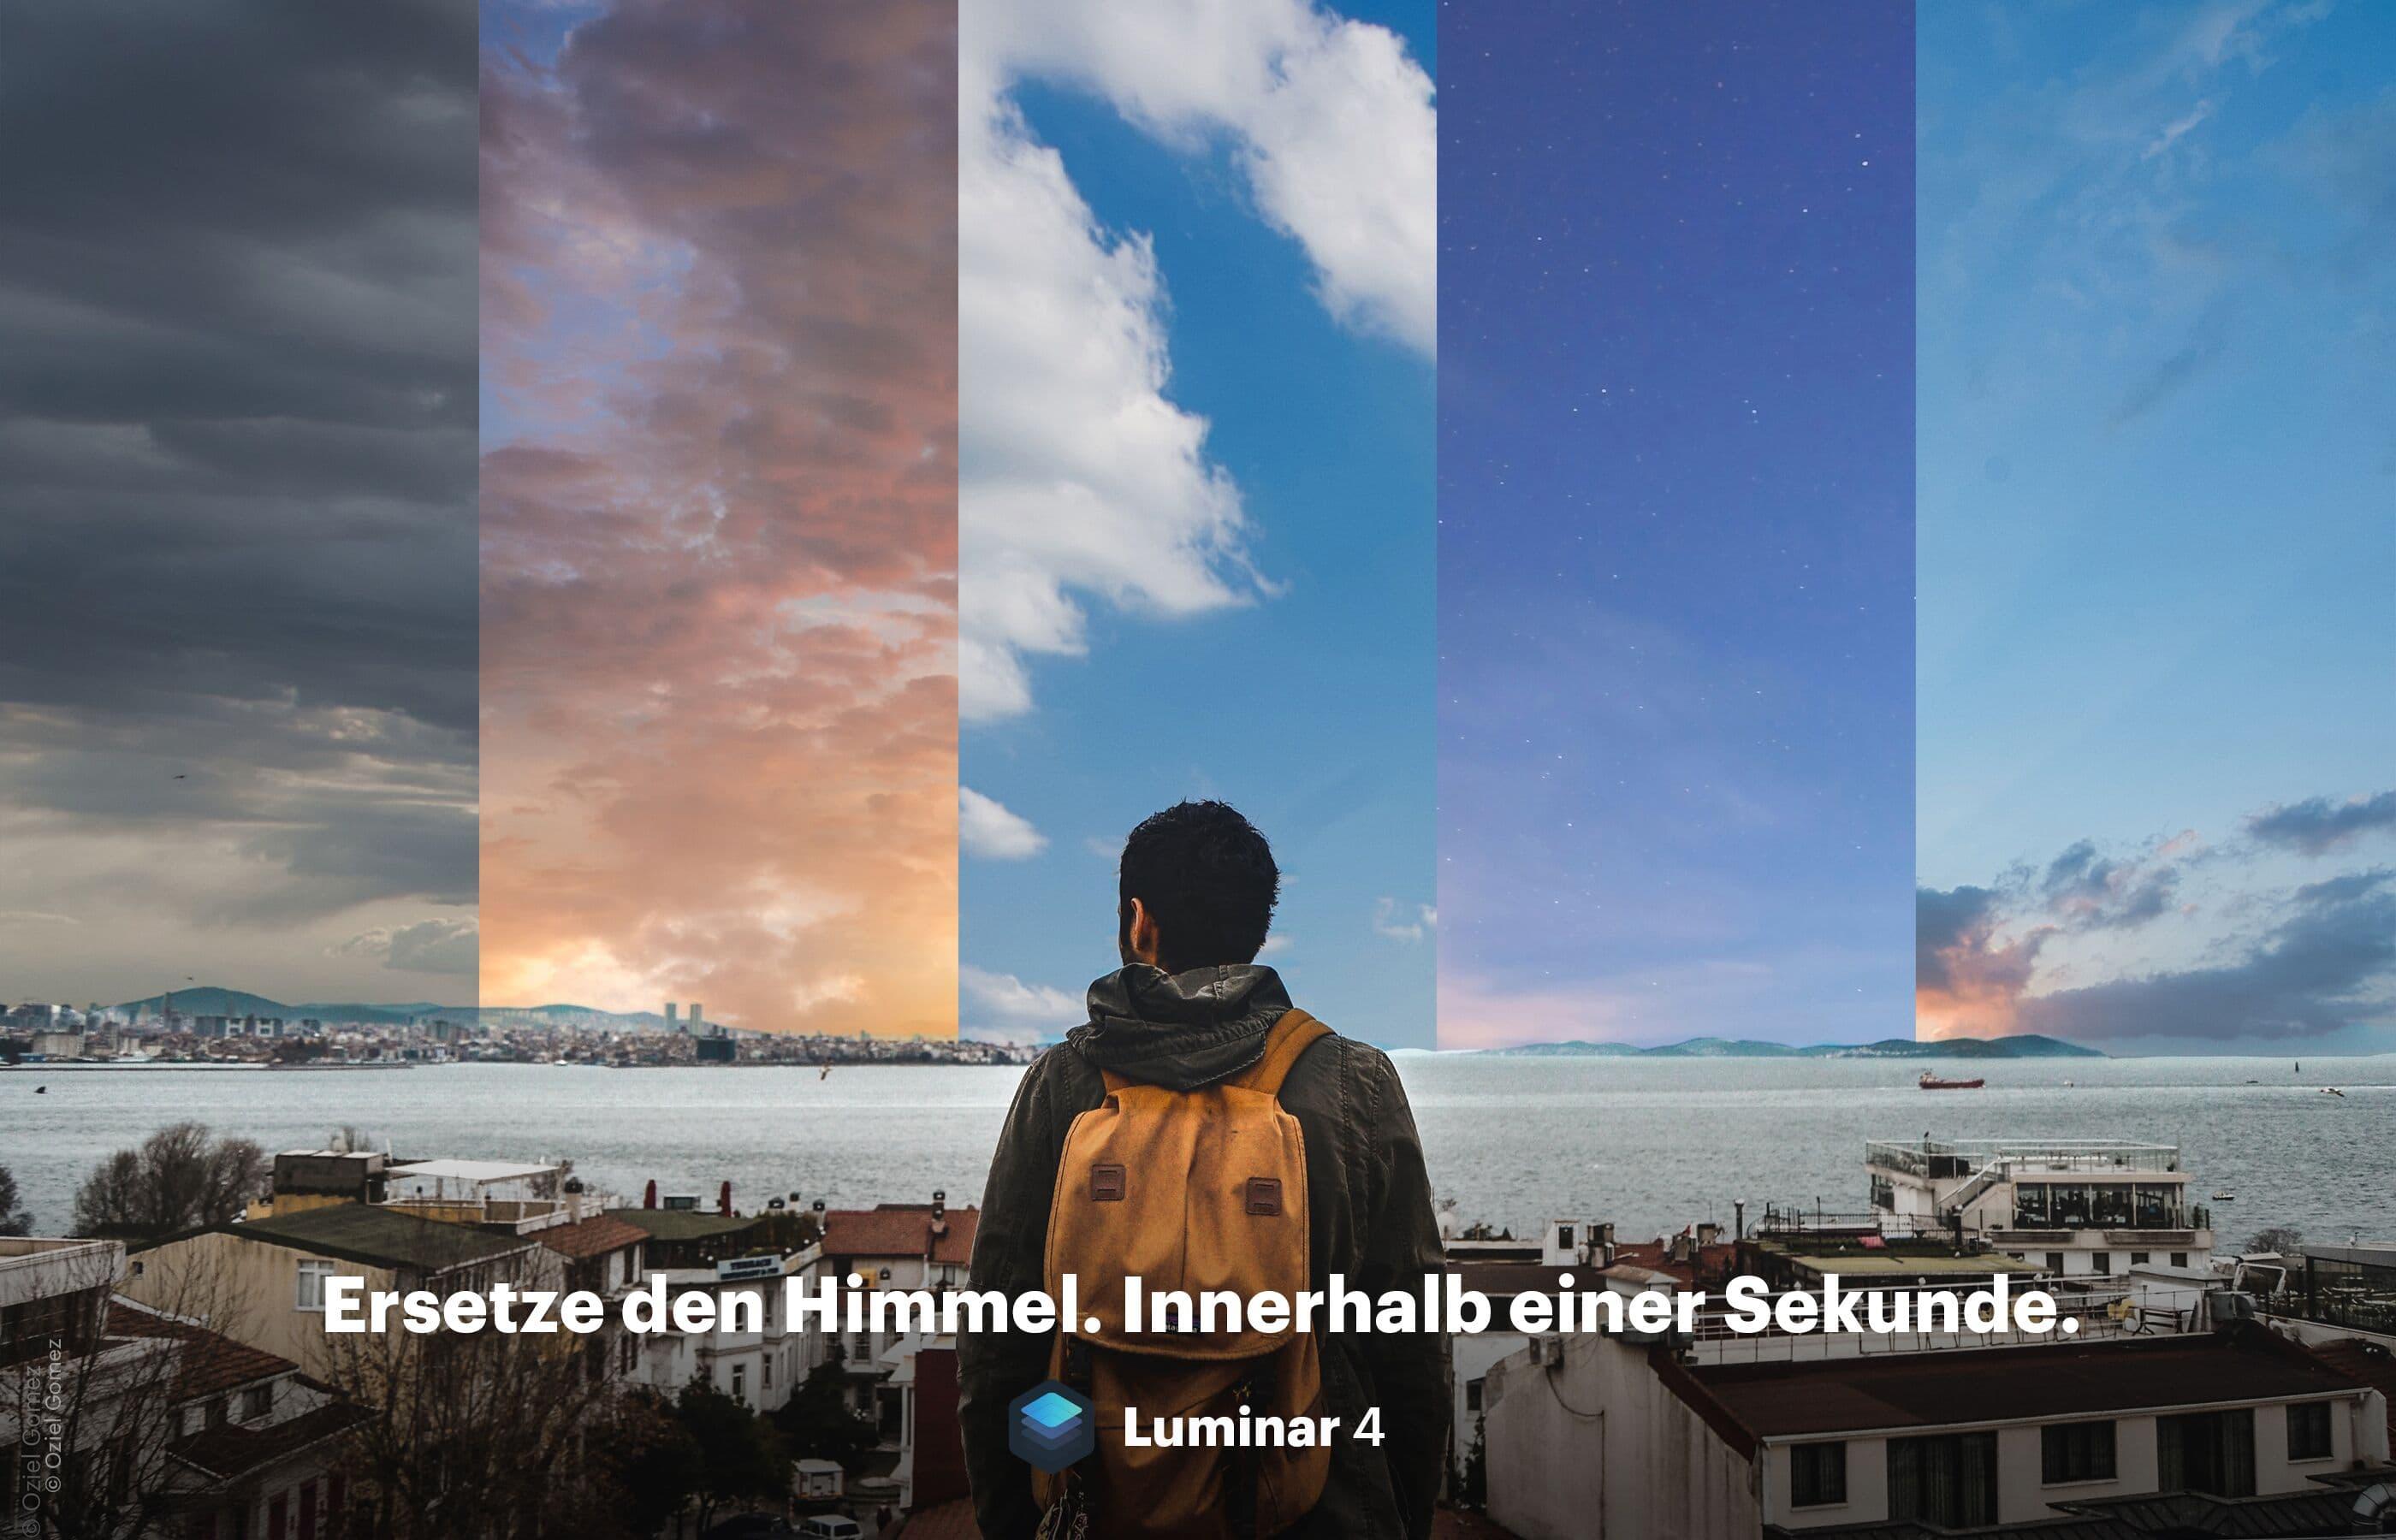 Ersetze den Himmel innerhalb einer Sekunde | Luminar 4